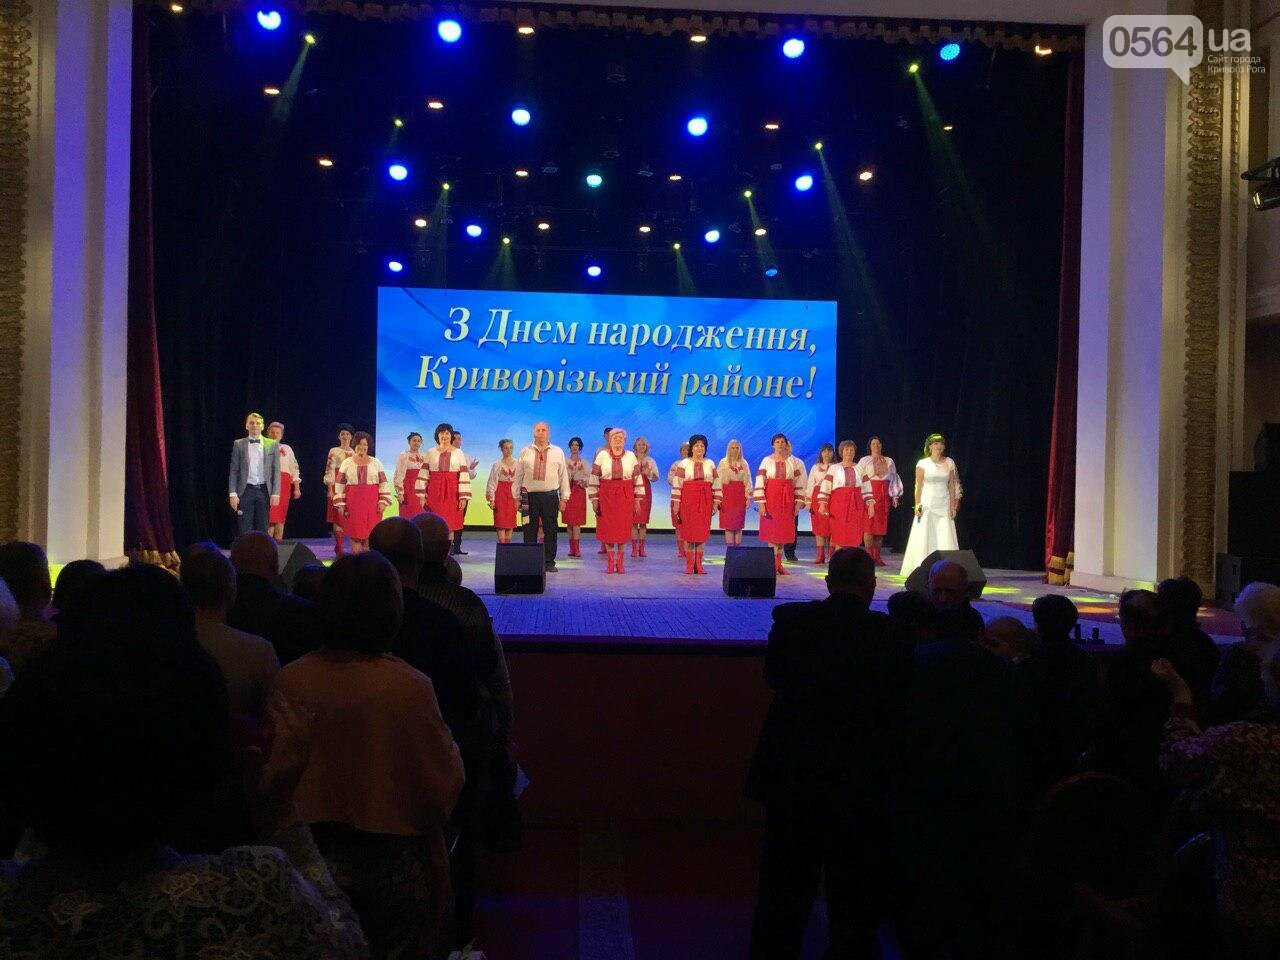 Аграрии Криворожья отметили свой профессиональный праздник, - ФОТО, ВИДЕО, фото-1